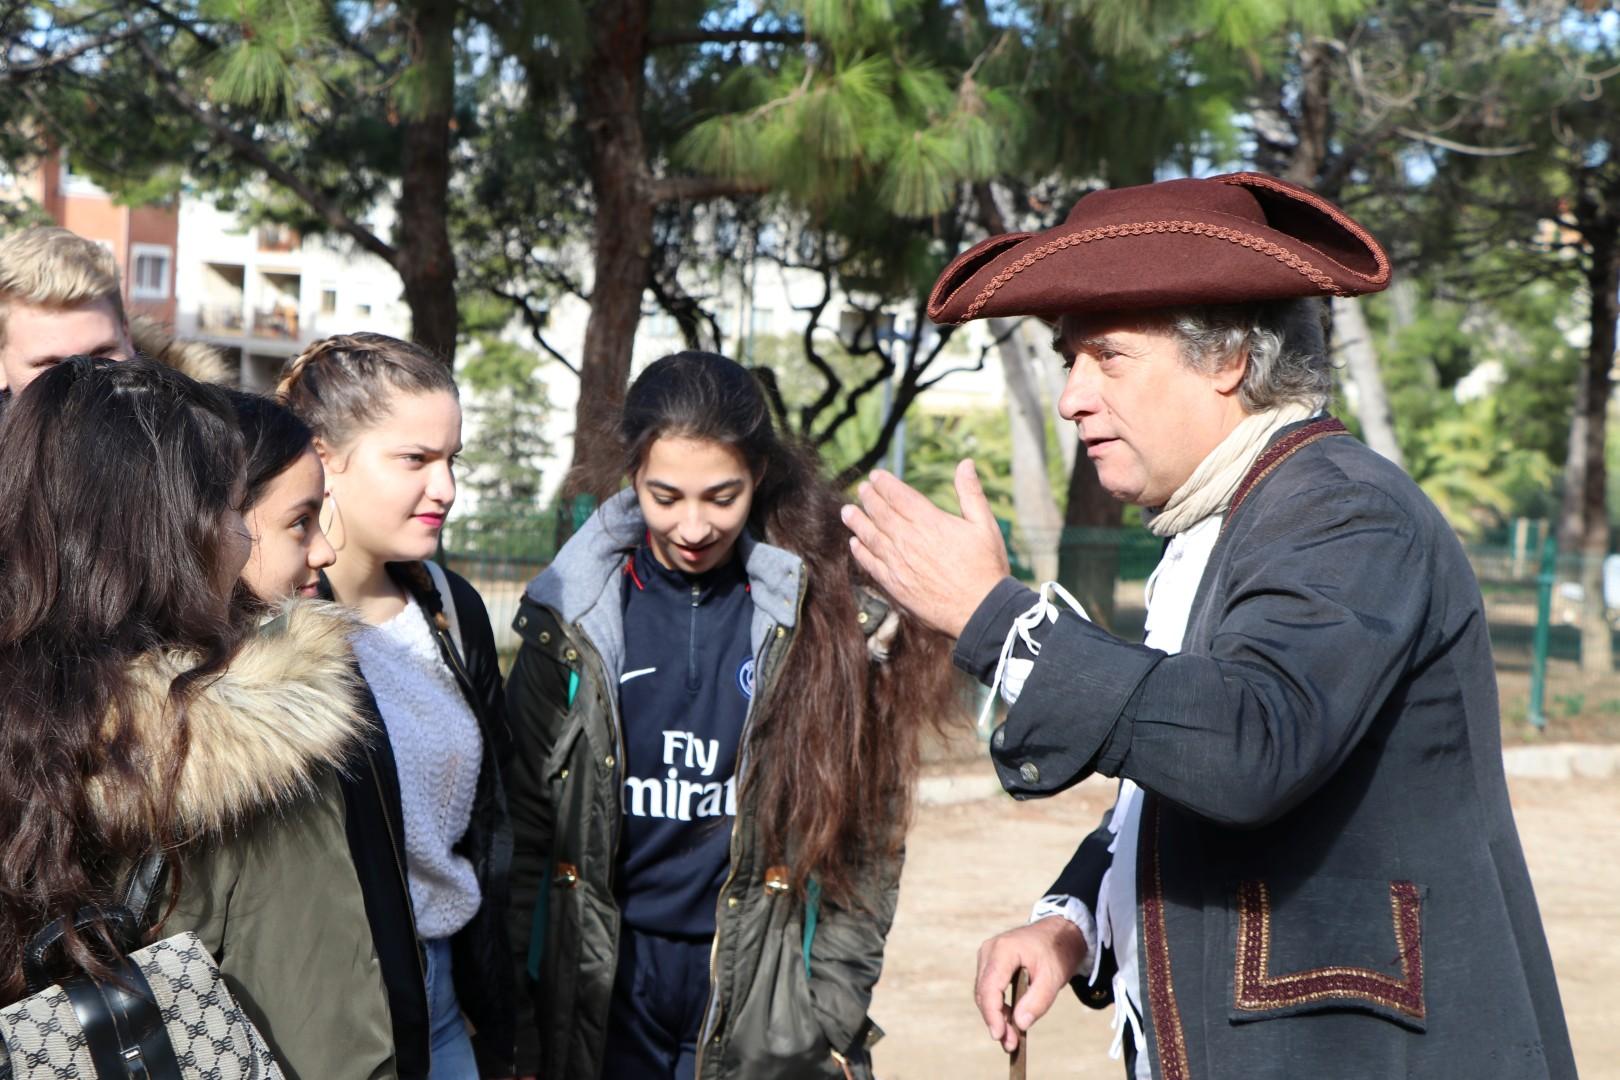 Més de 200 estudiants van conèixer la figura d'Antoni de Martí i Franquès a través de la ruta teatralitzada sobre el químic català.